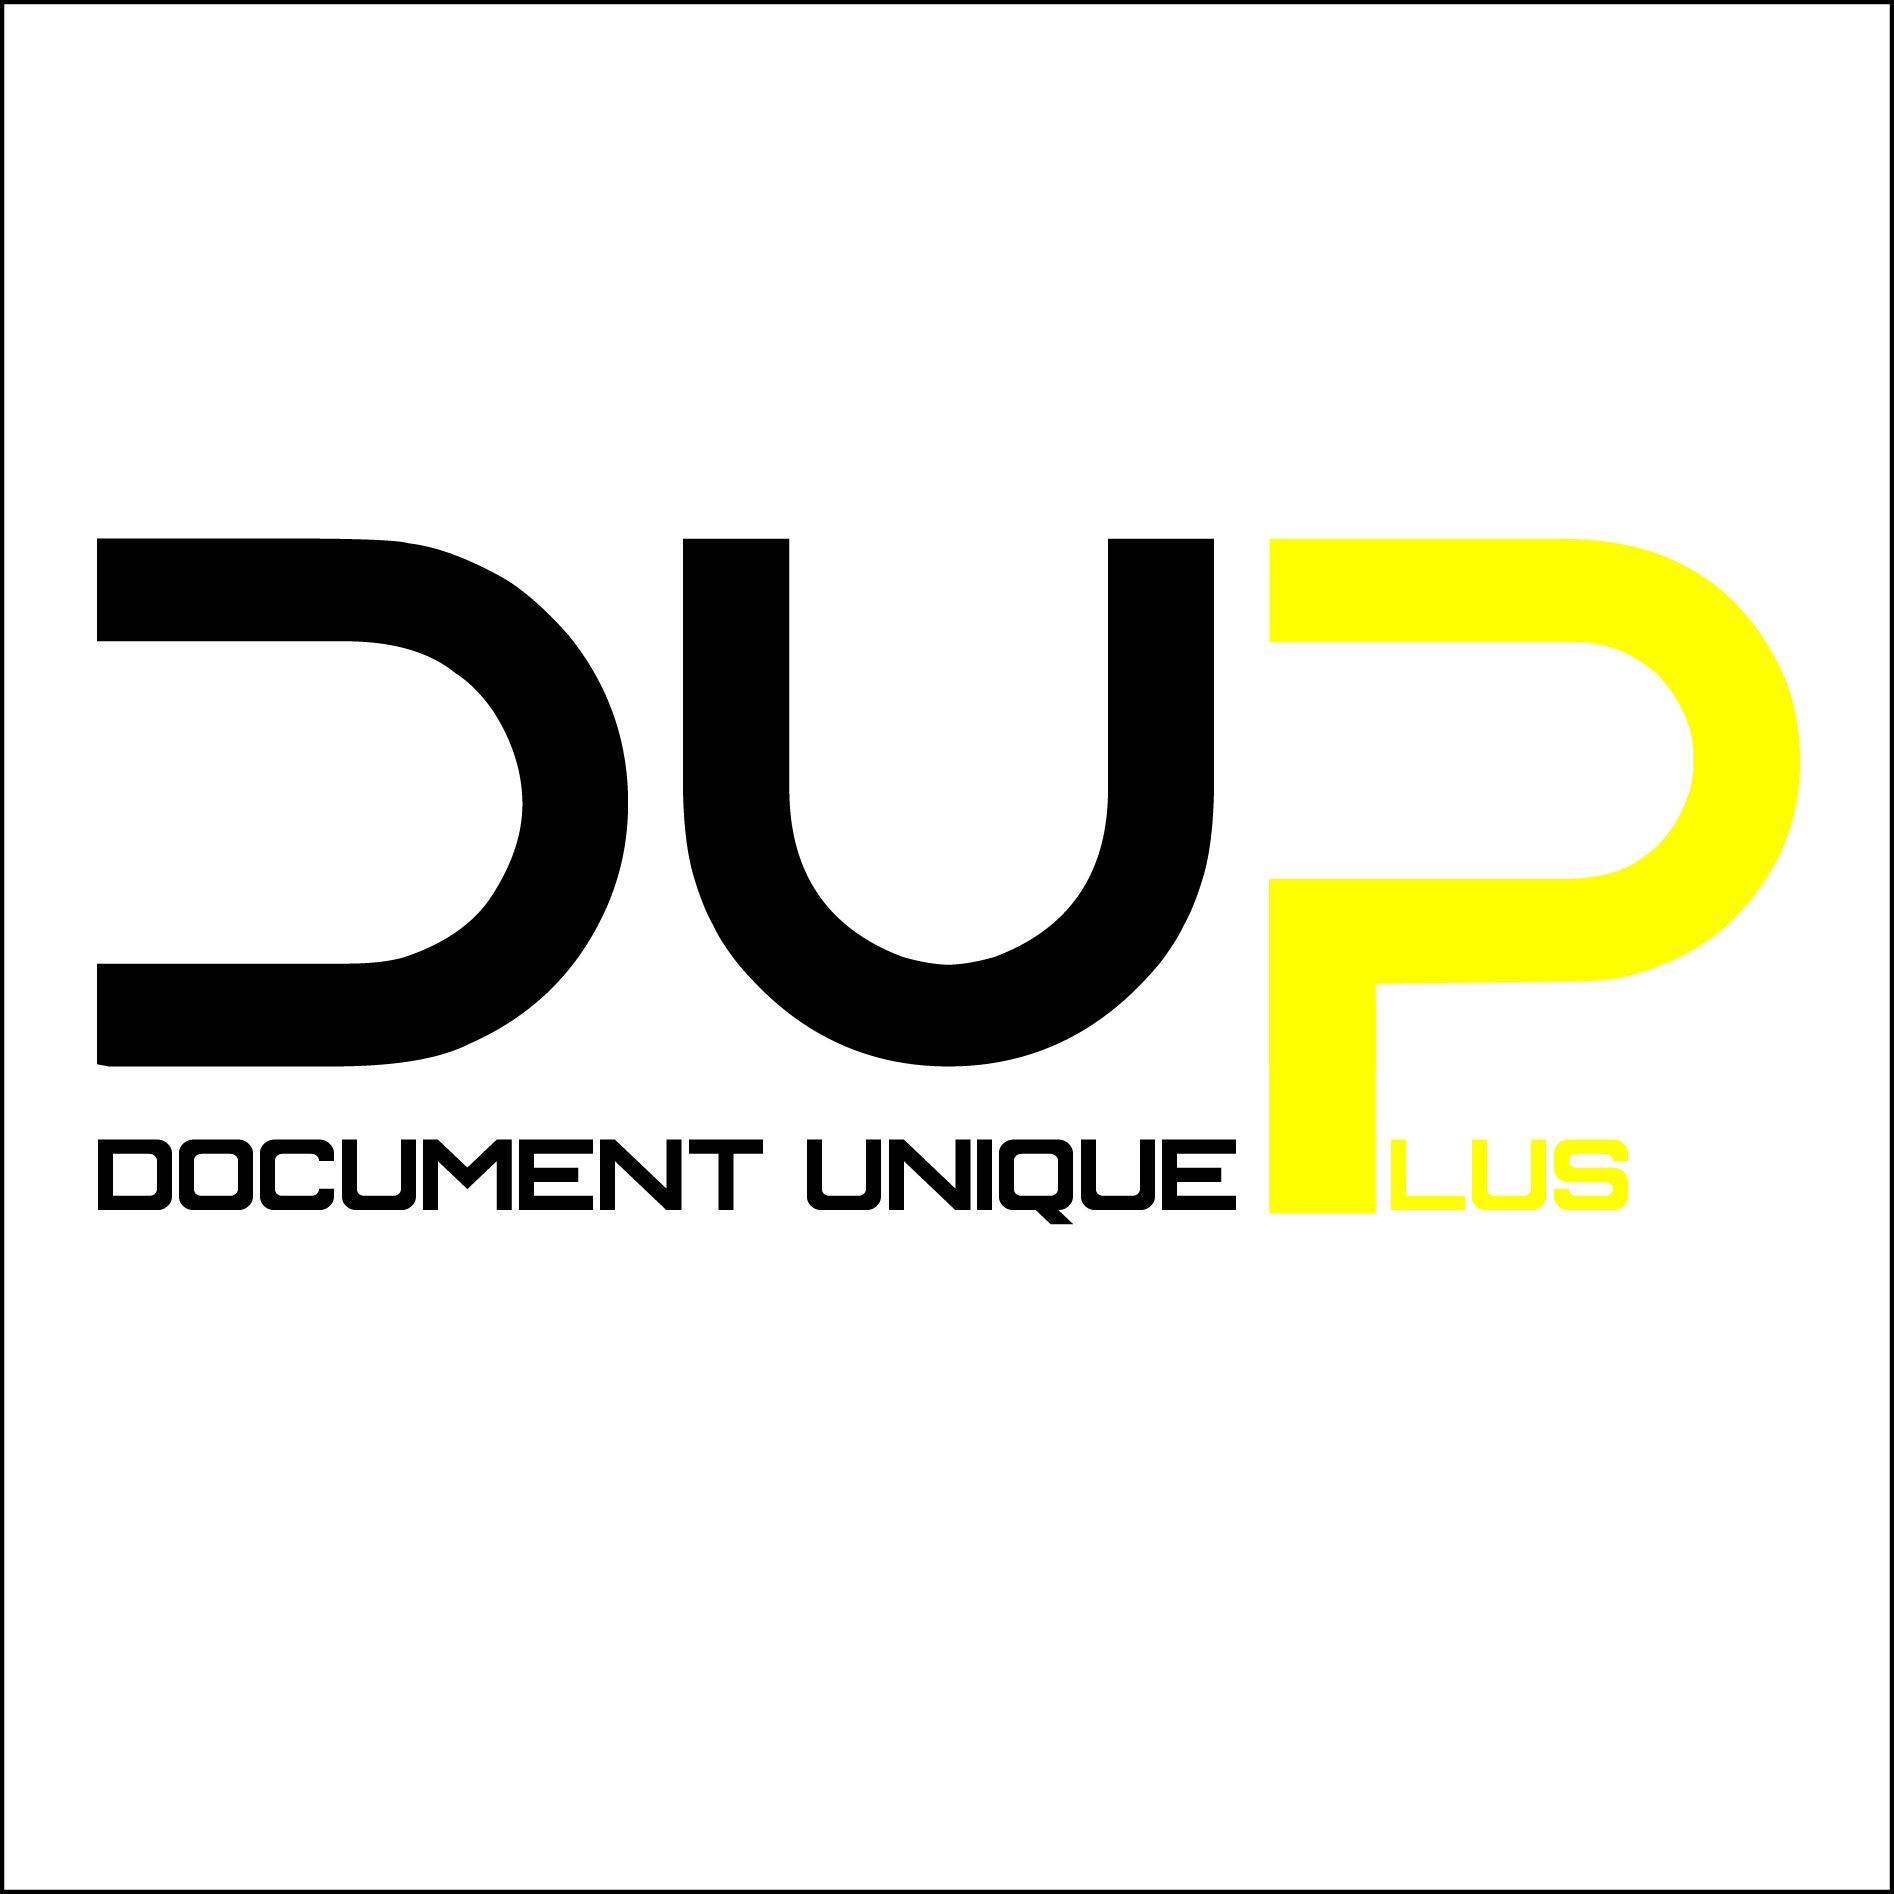 Docuunique107